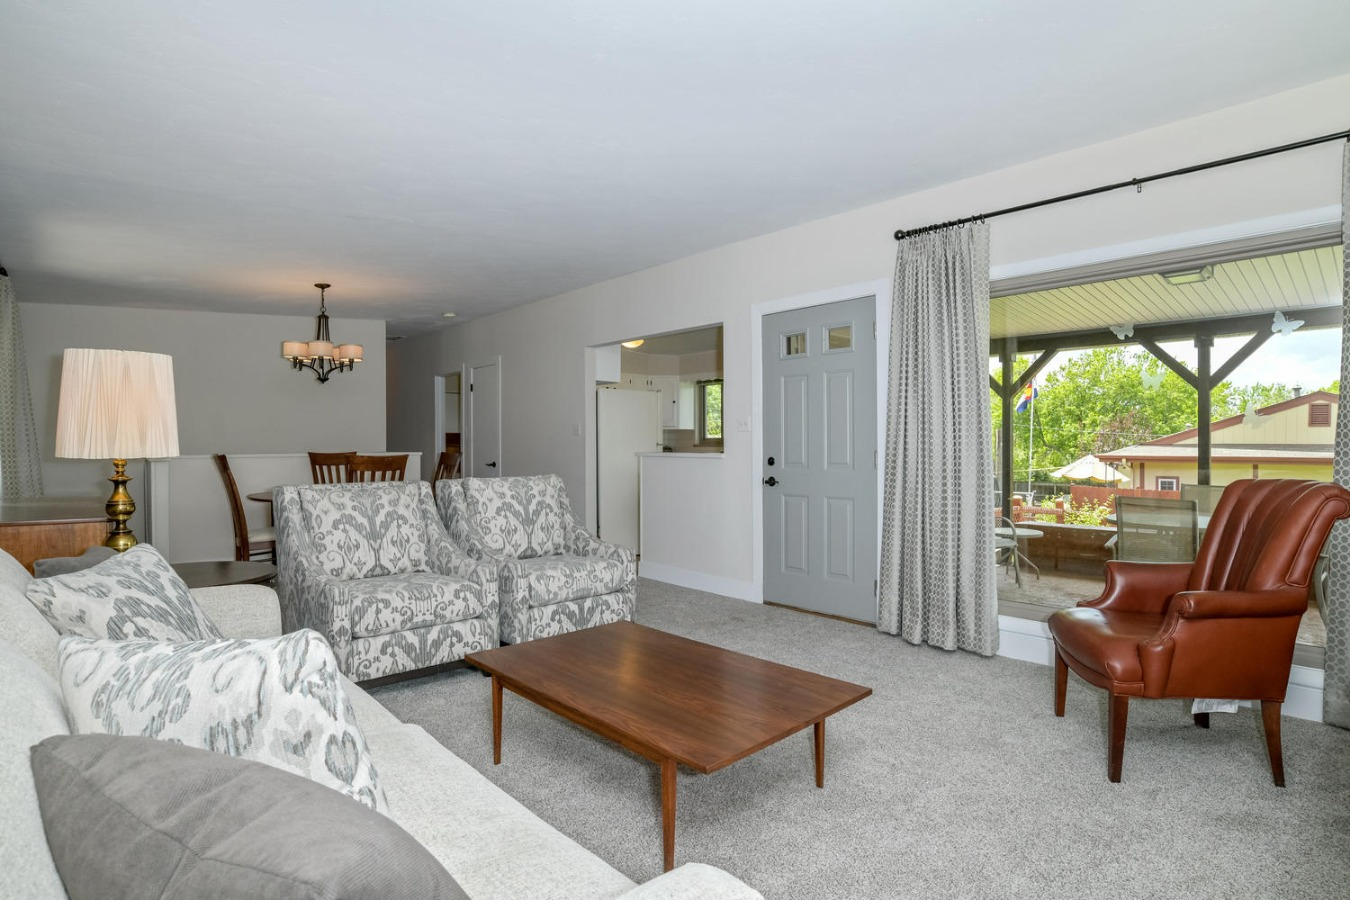 Fresh Paint, Carpet, Drapes, Lighting & More!